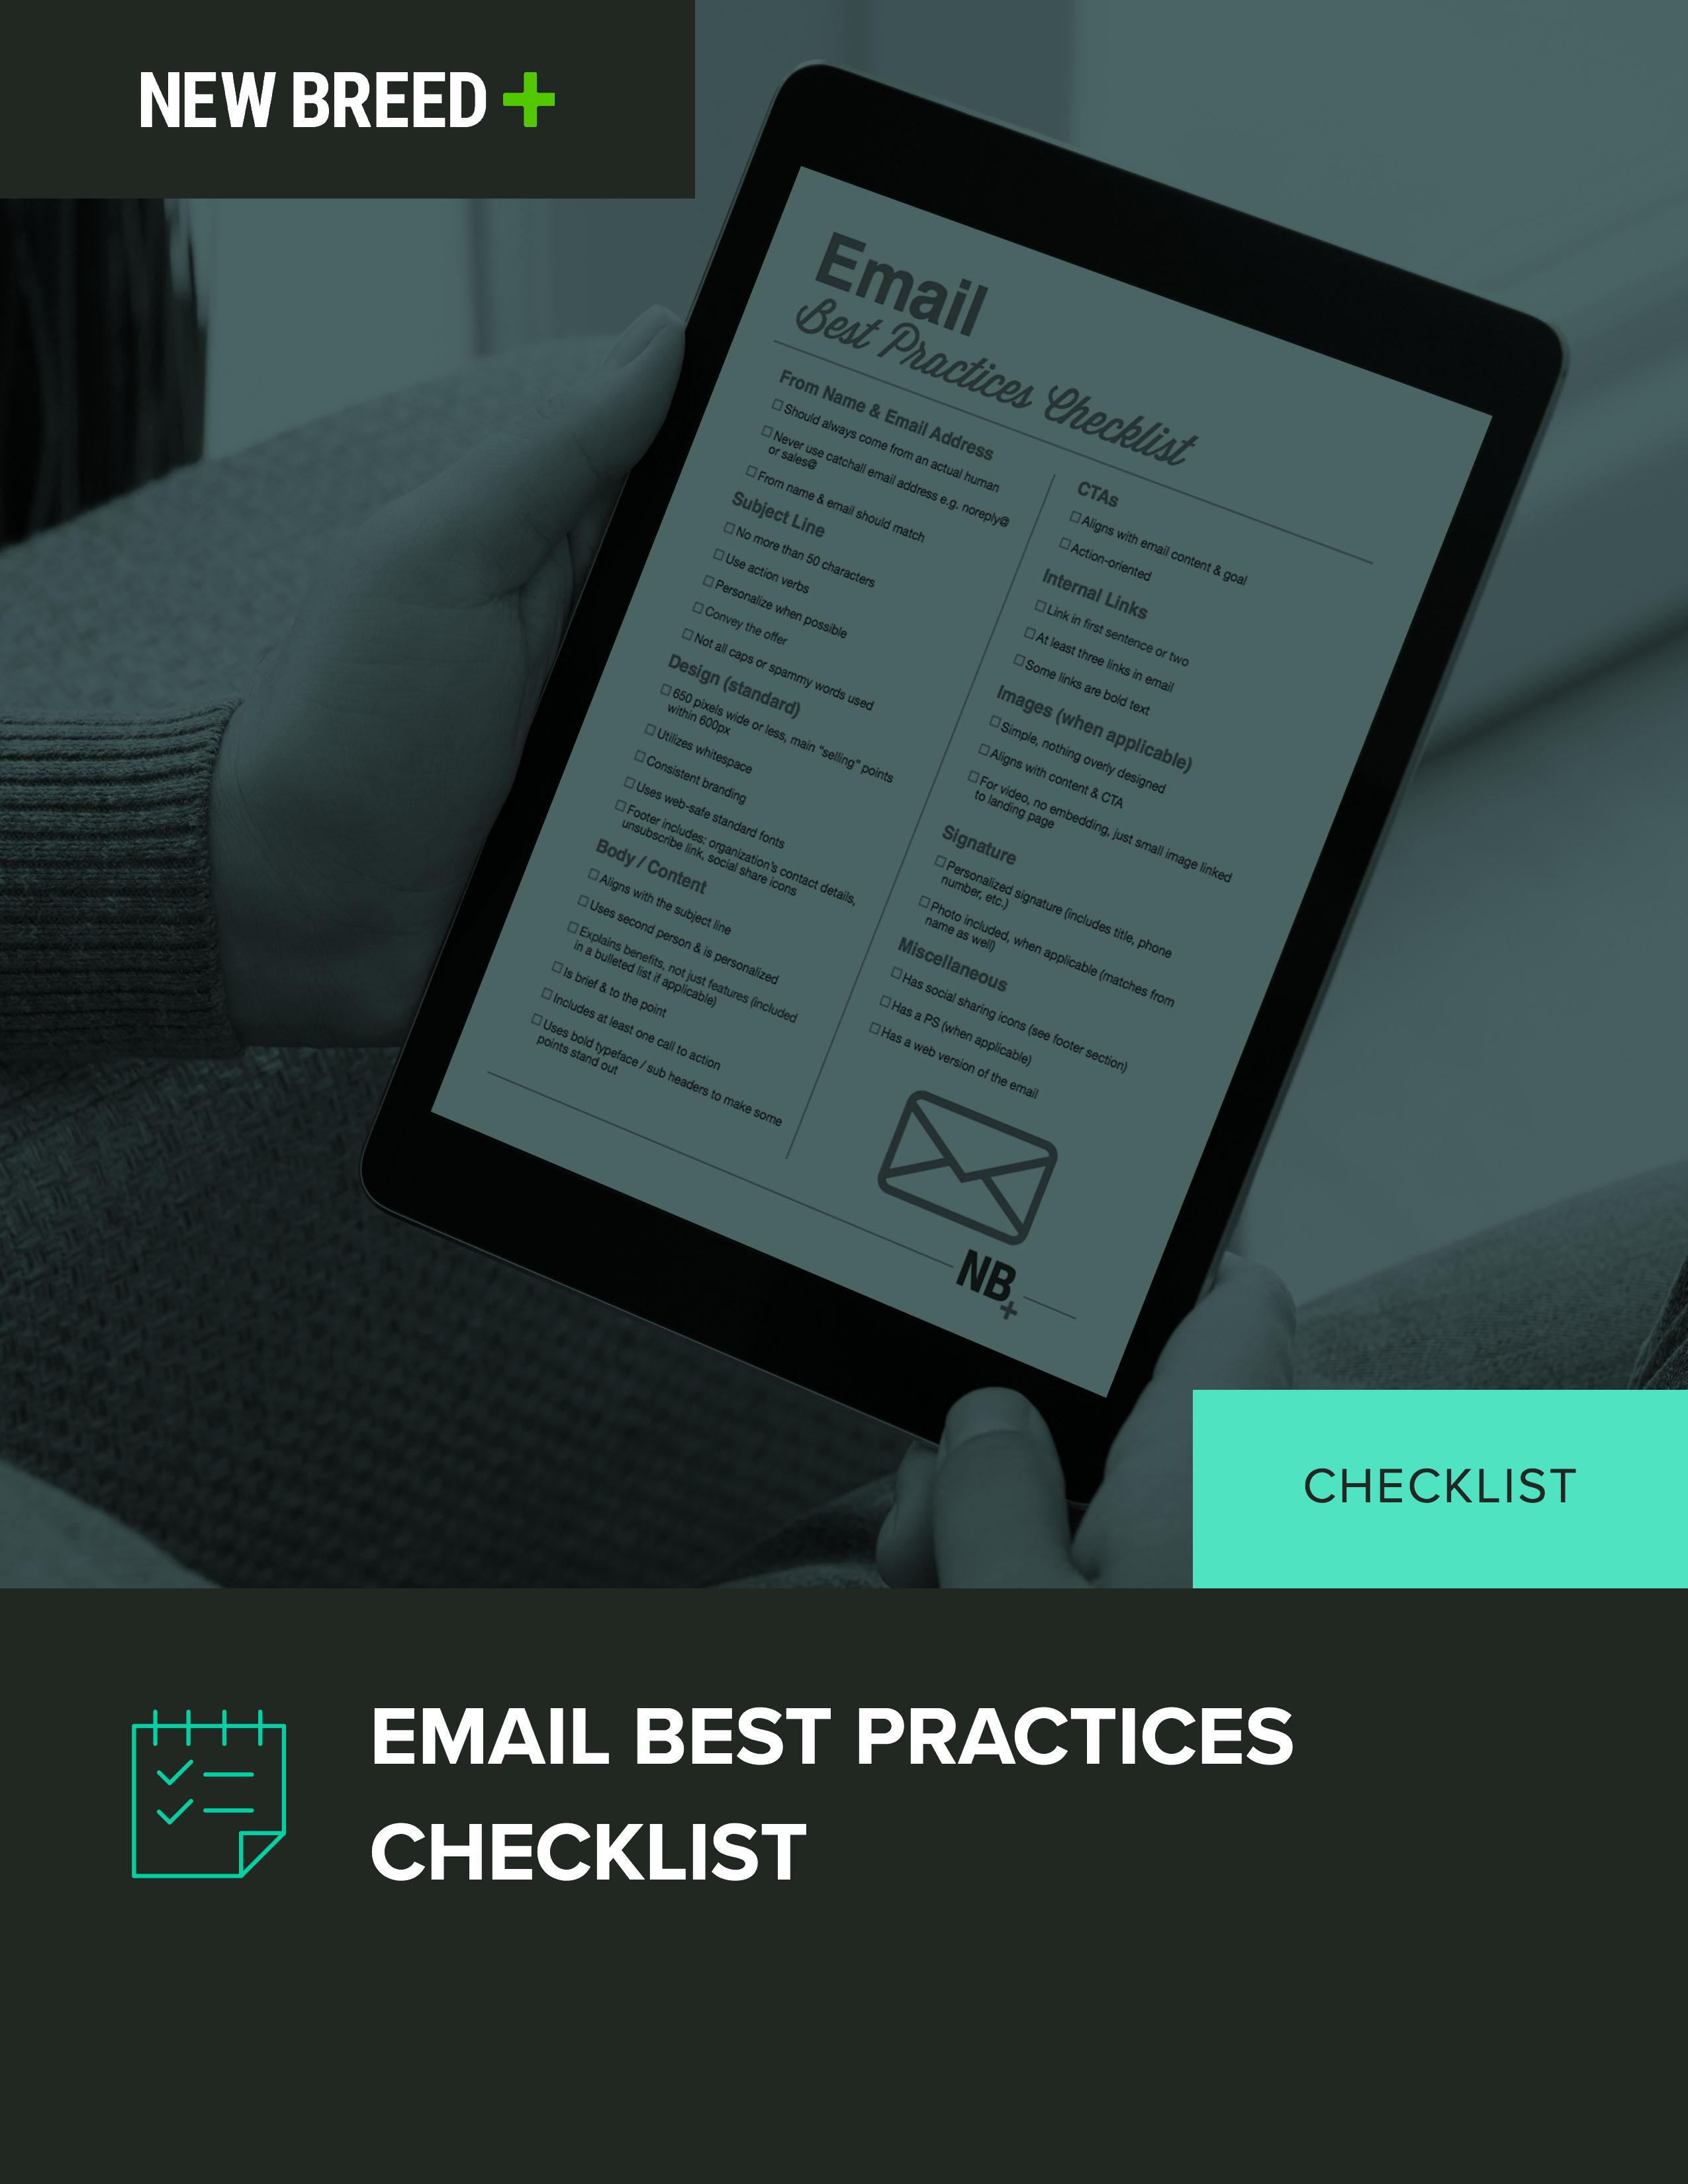 email best practices checklist-1.jpg